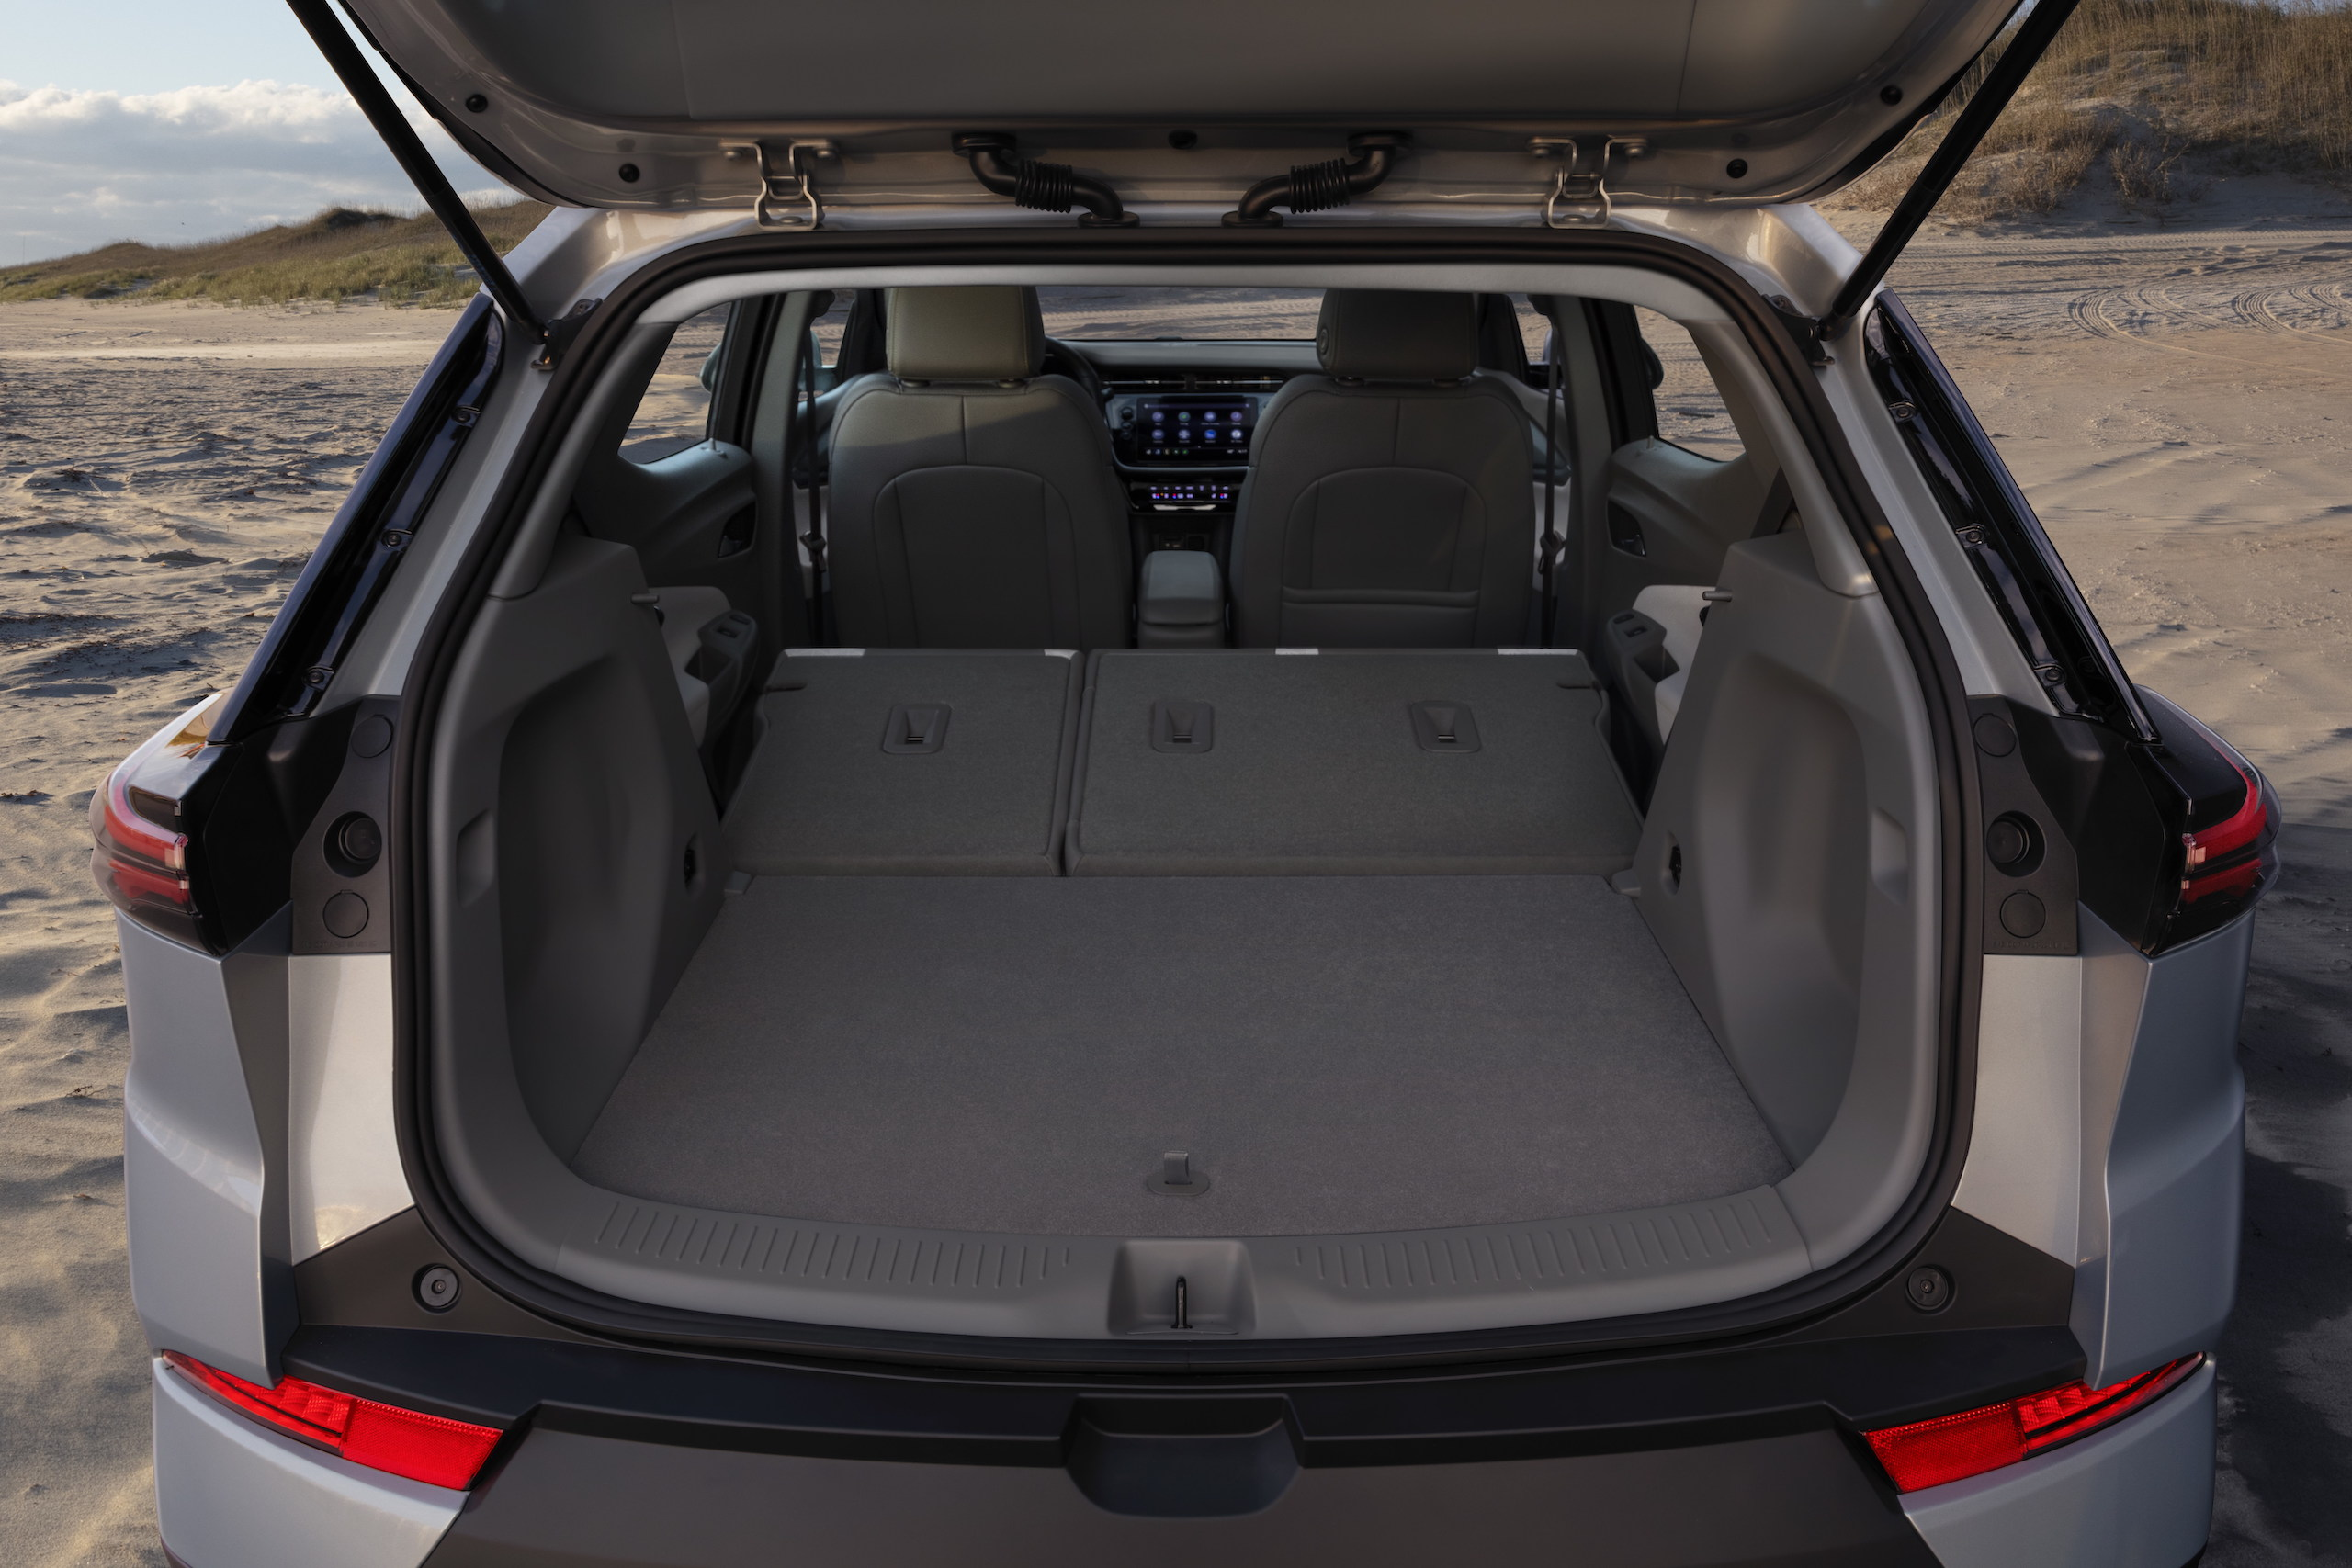 2022 Chevrolet Bolt EUV rear cargo capacity seats folded